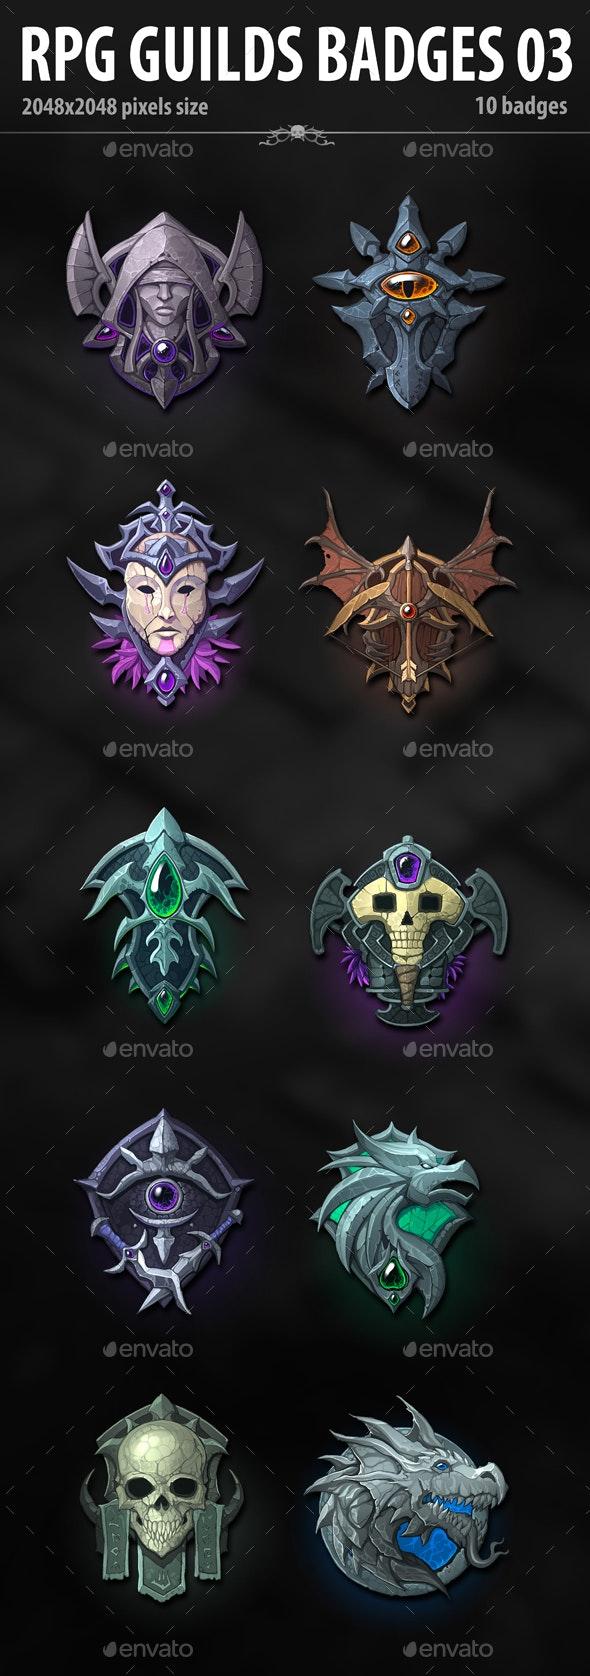 RPG Guilds Badges 03